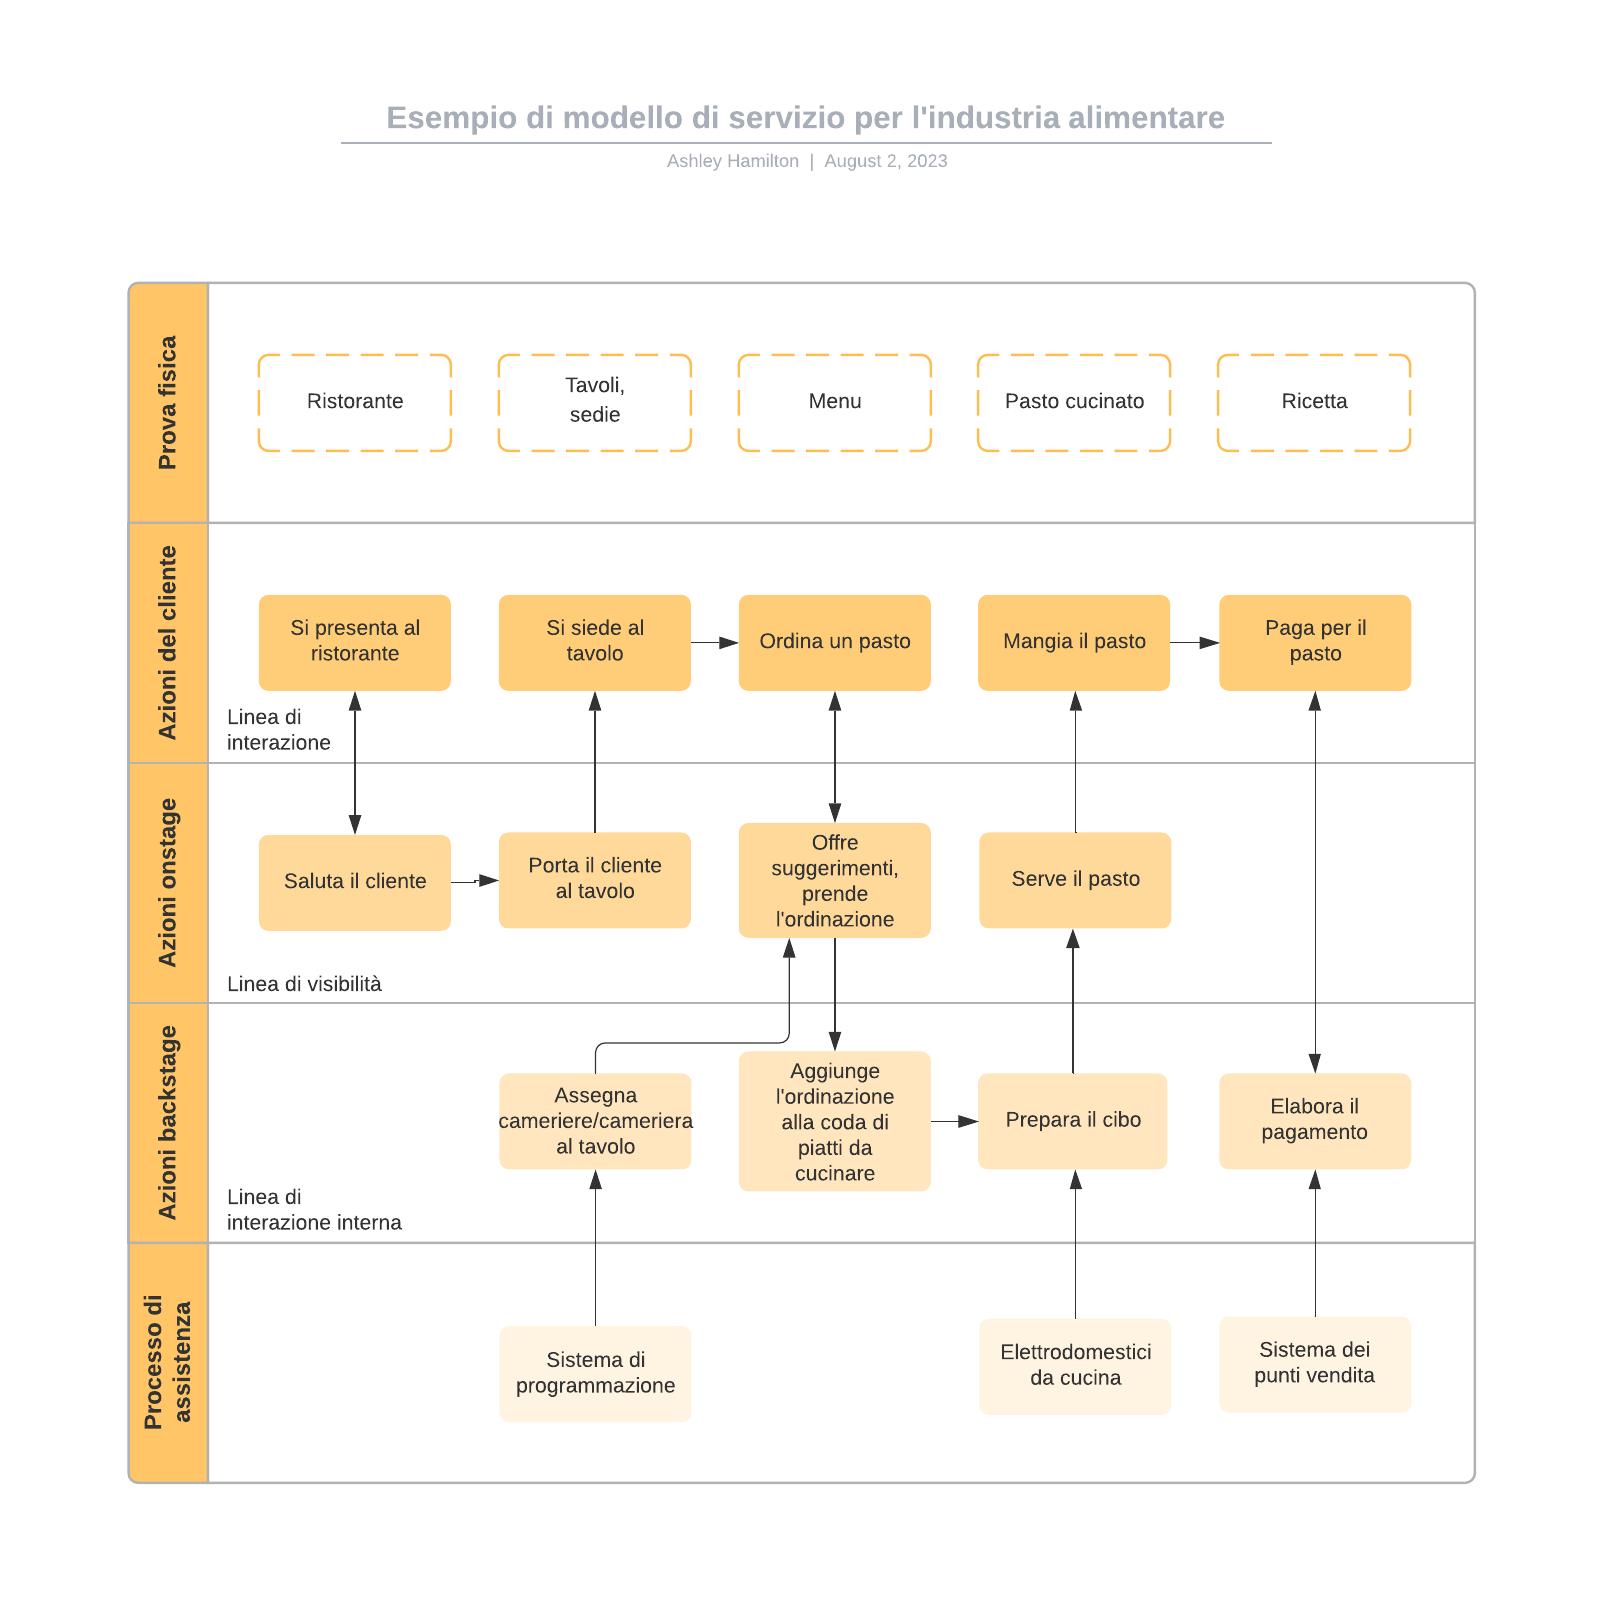 Esempio di modello di servizio per l'industria alimentare